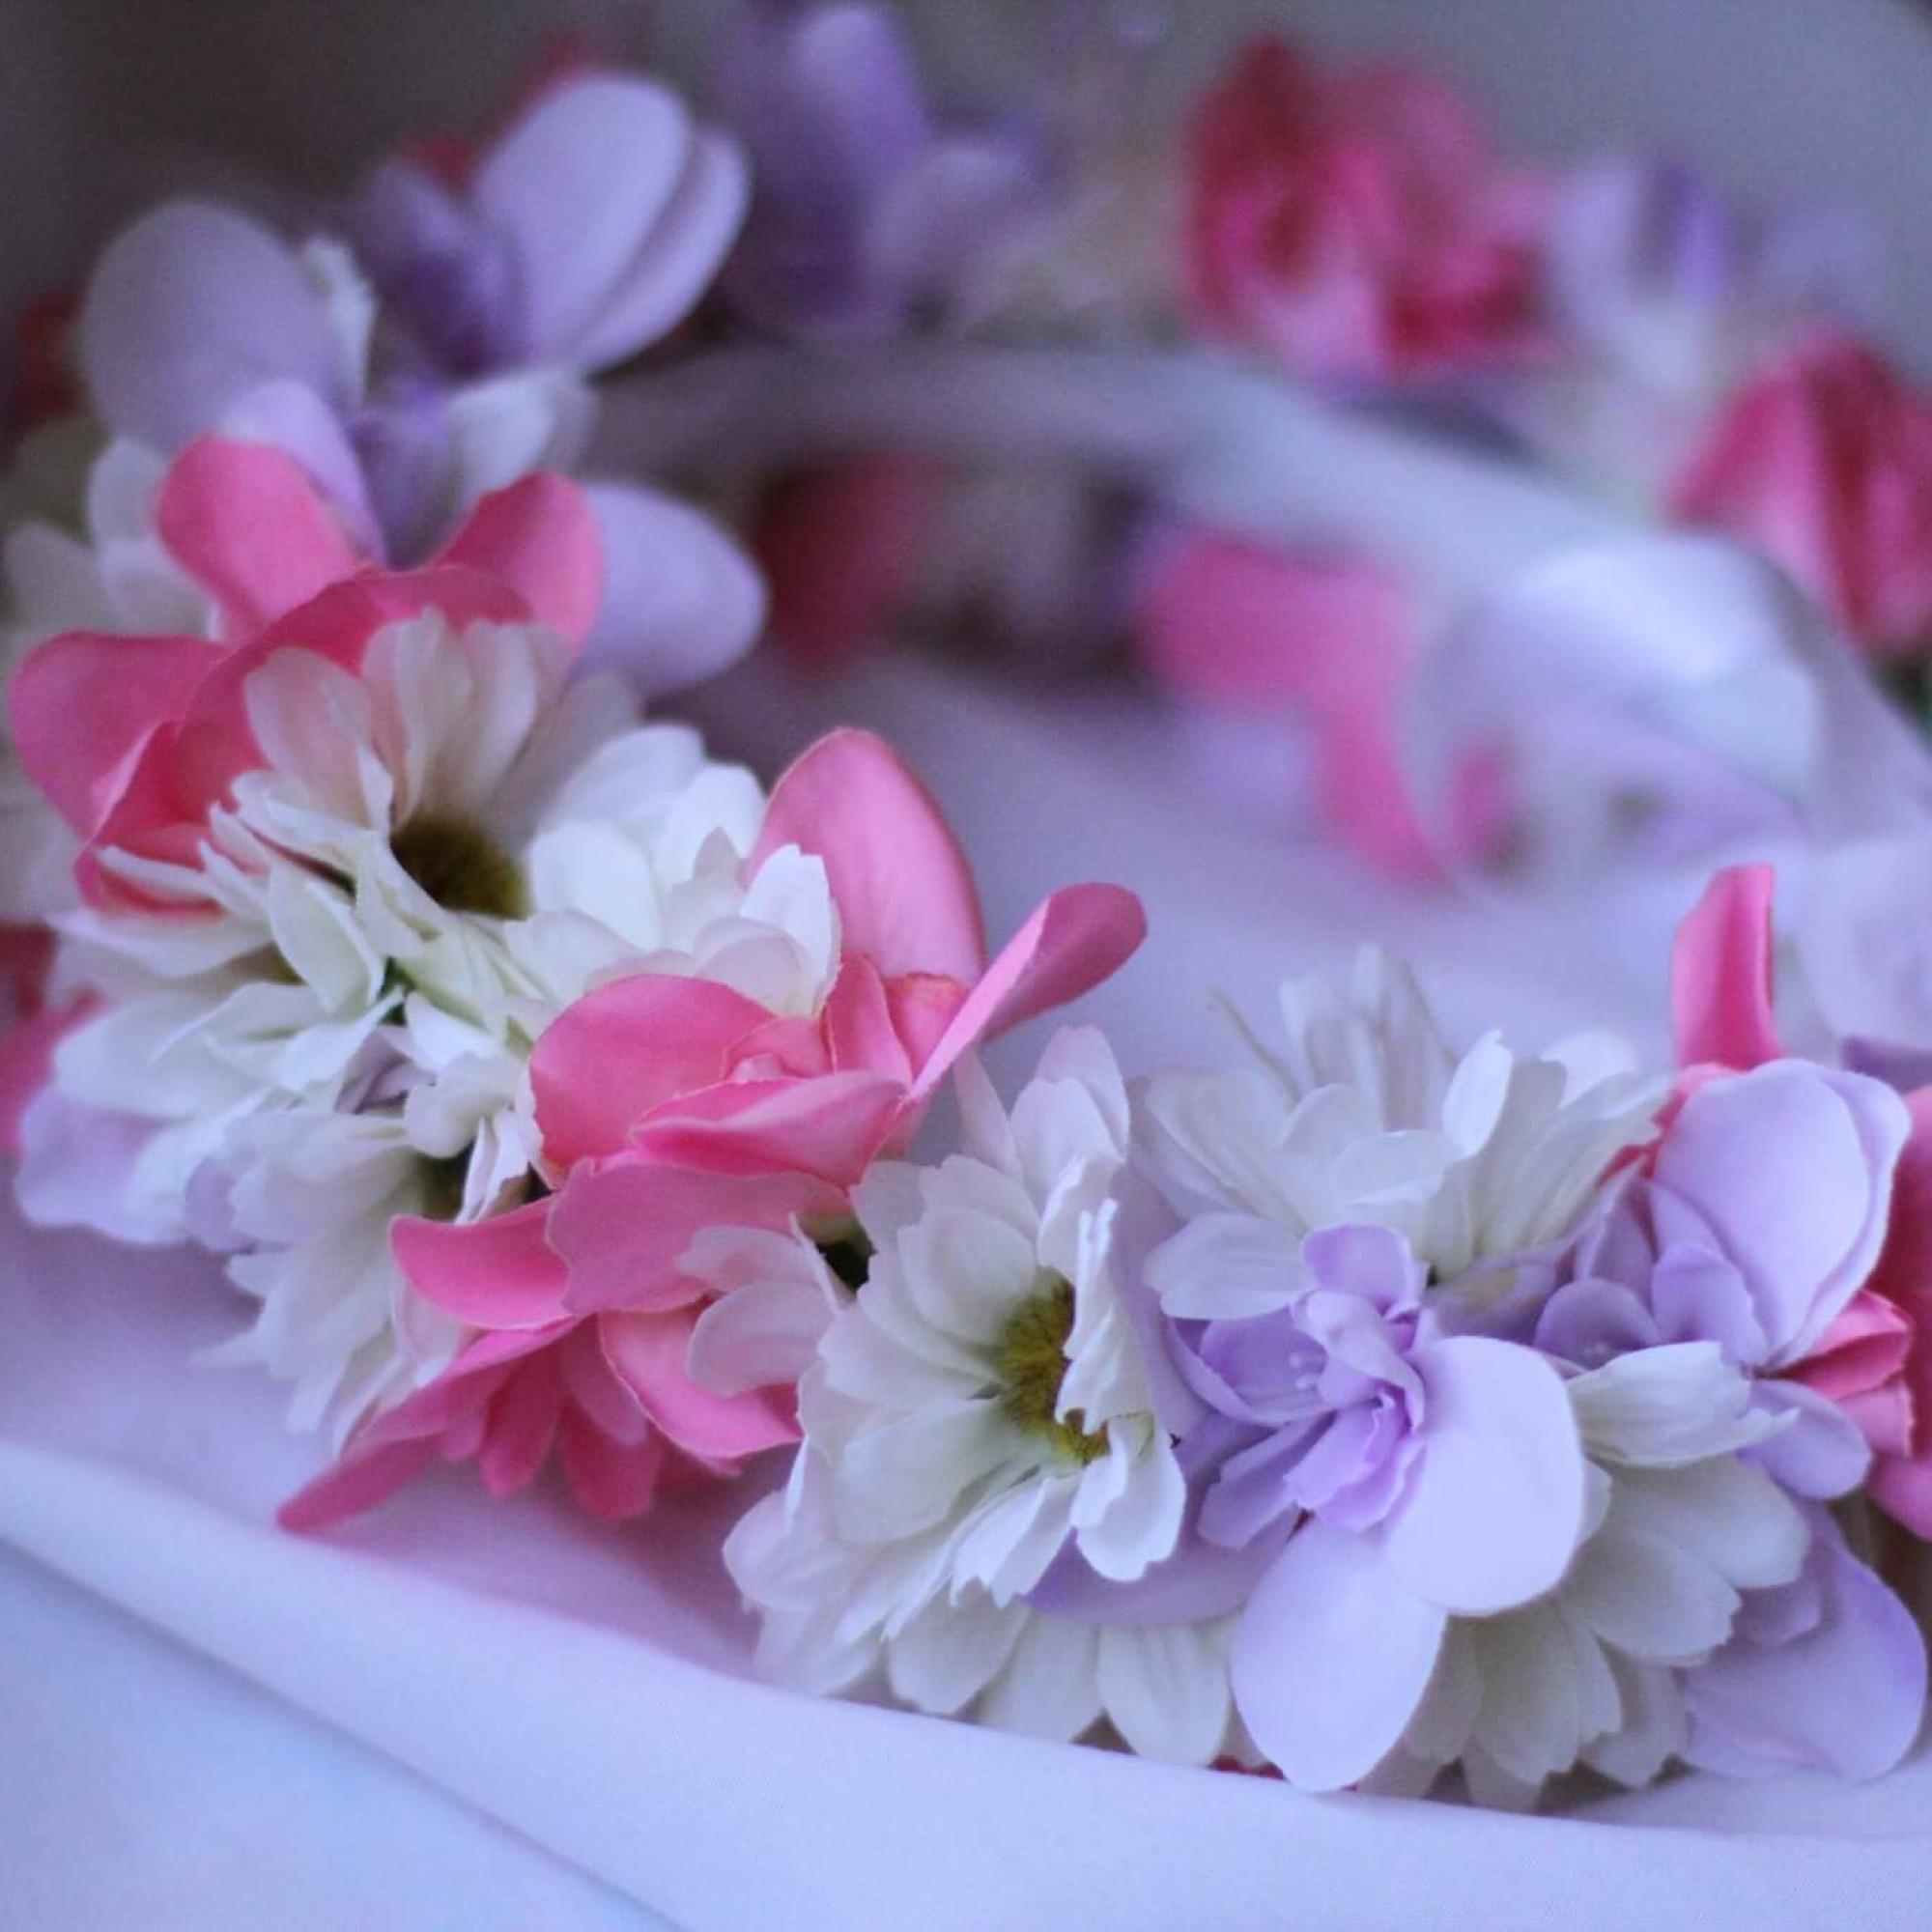 fotografias de flores de primavera